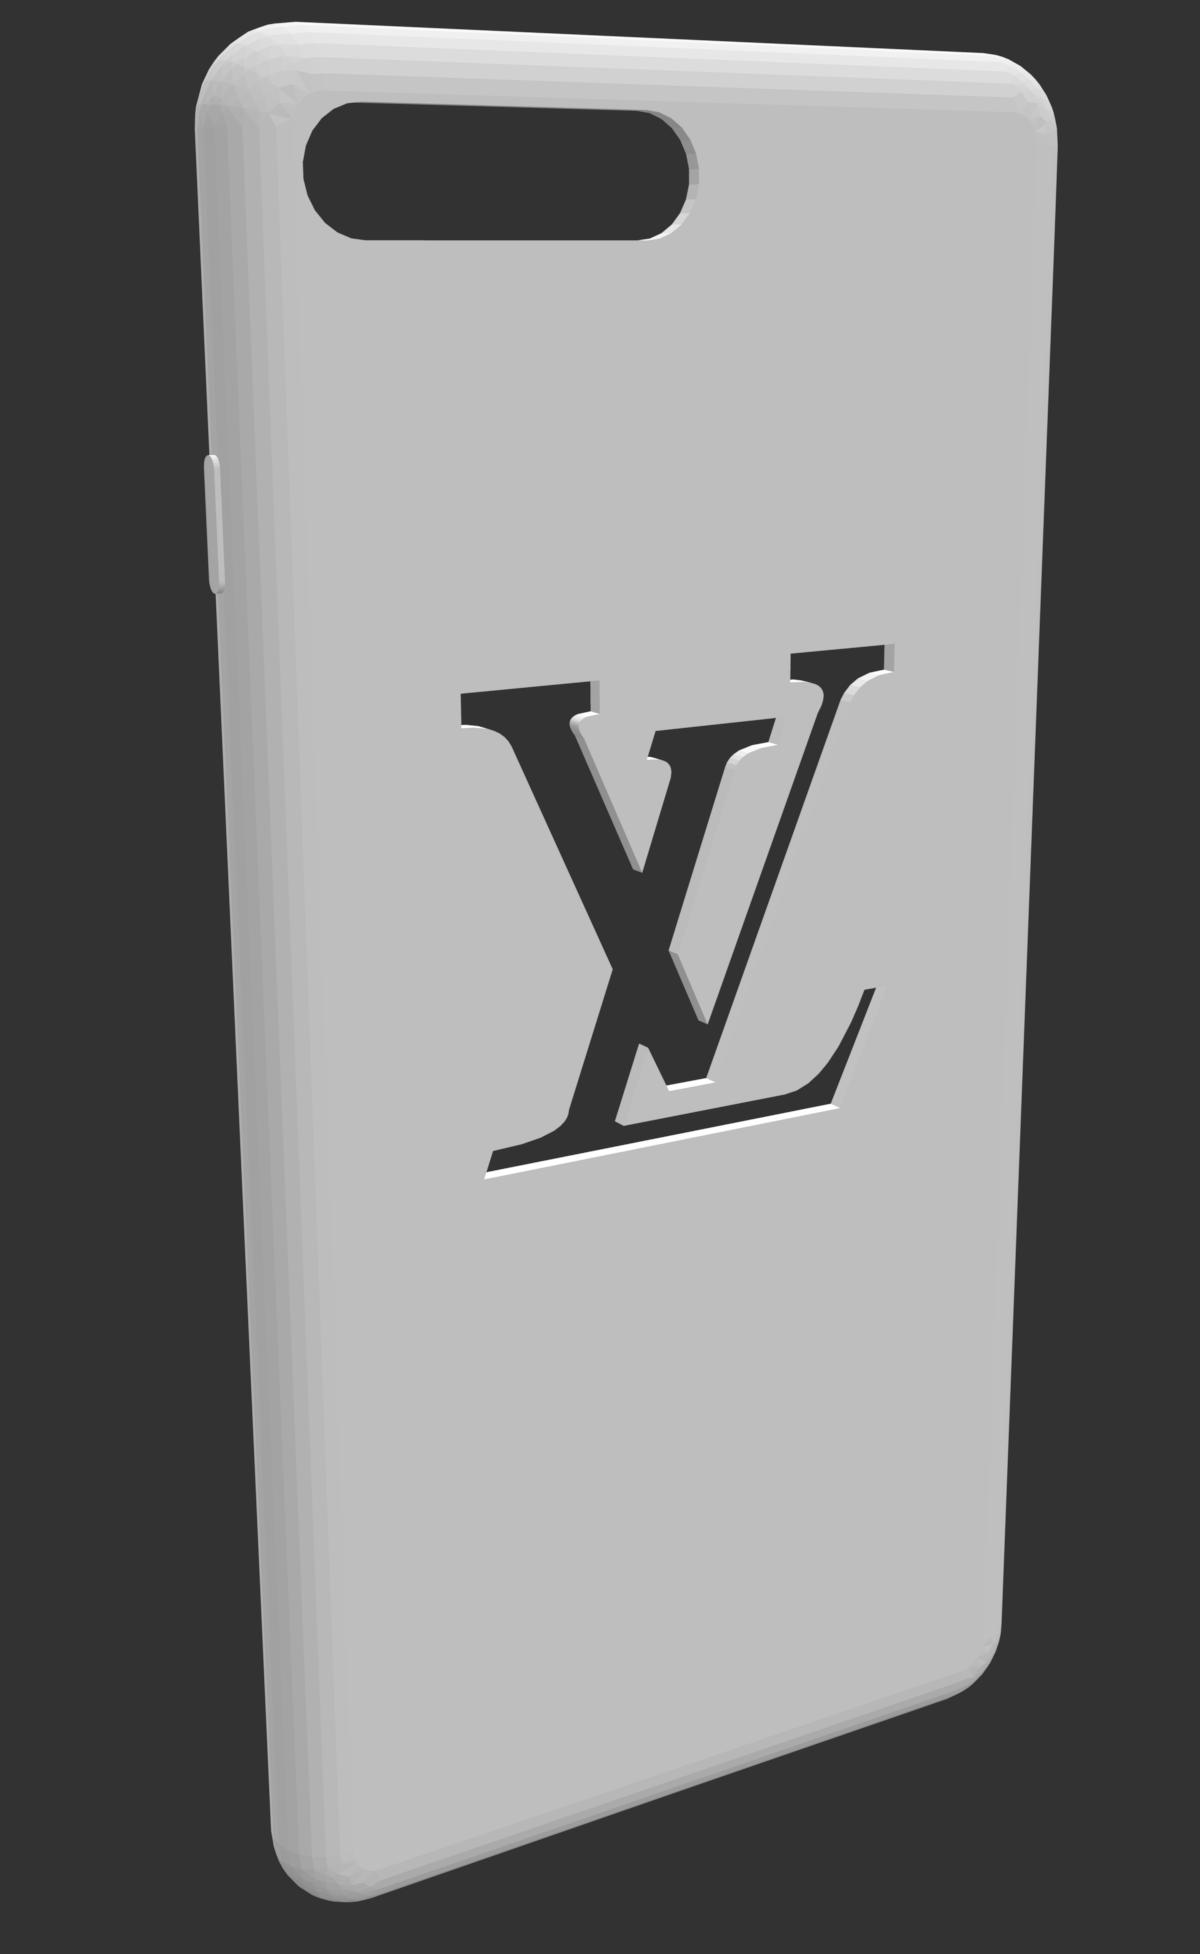 Schermata 2019-12-06 alle 21.42.44.png Télécharger fichier STL gratuit Housse iPhone 7/8 Plus avec logo LV sottration • Design pour imprimante 3D, MiGiranoForte